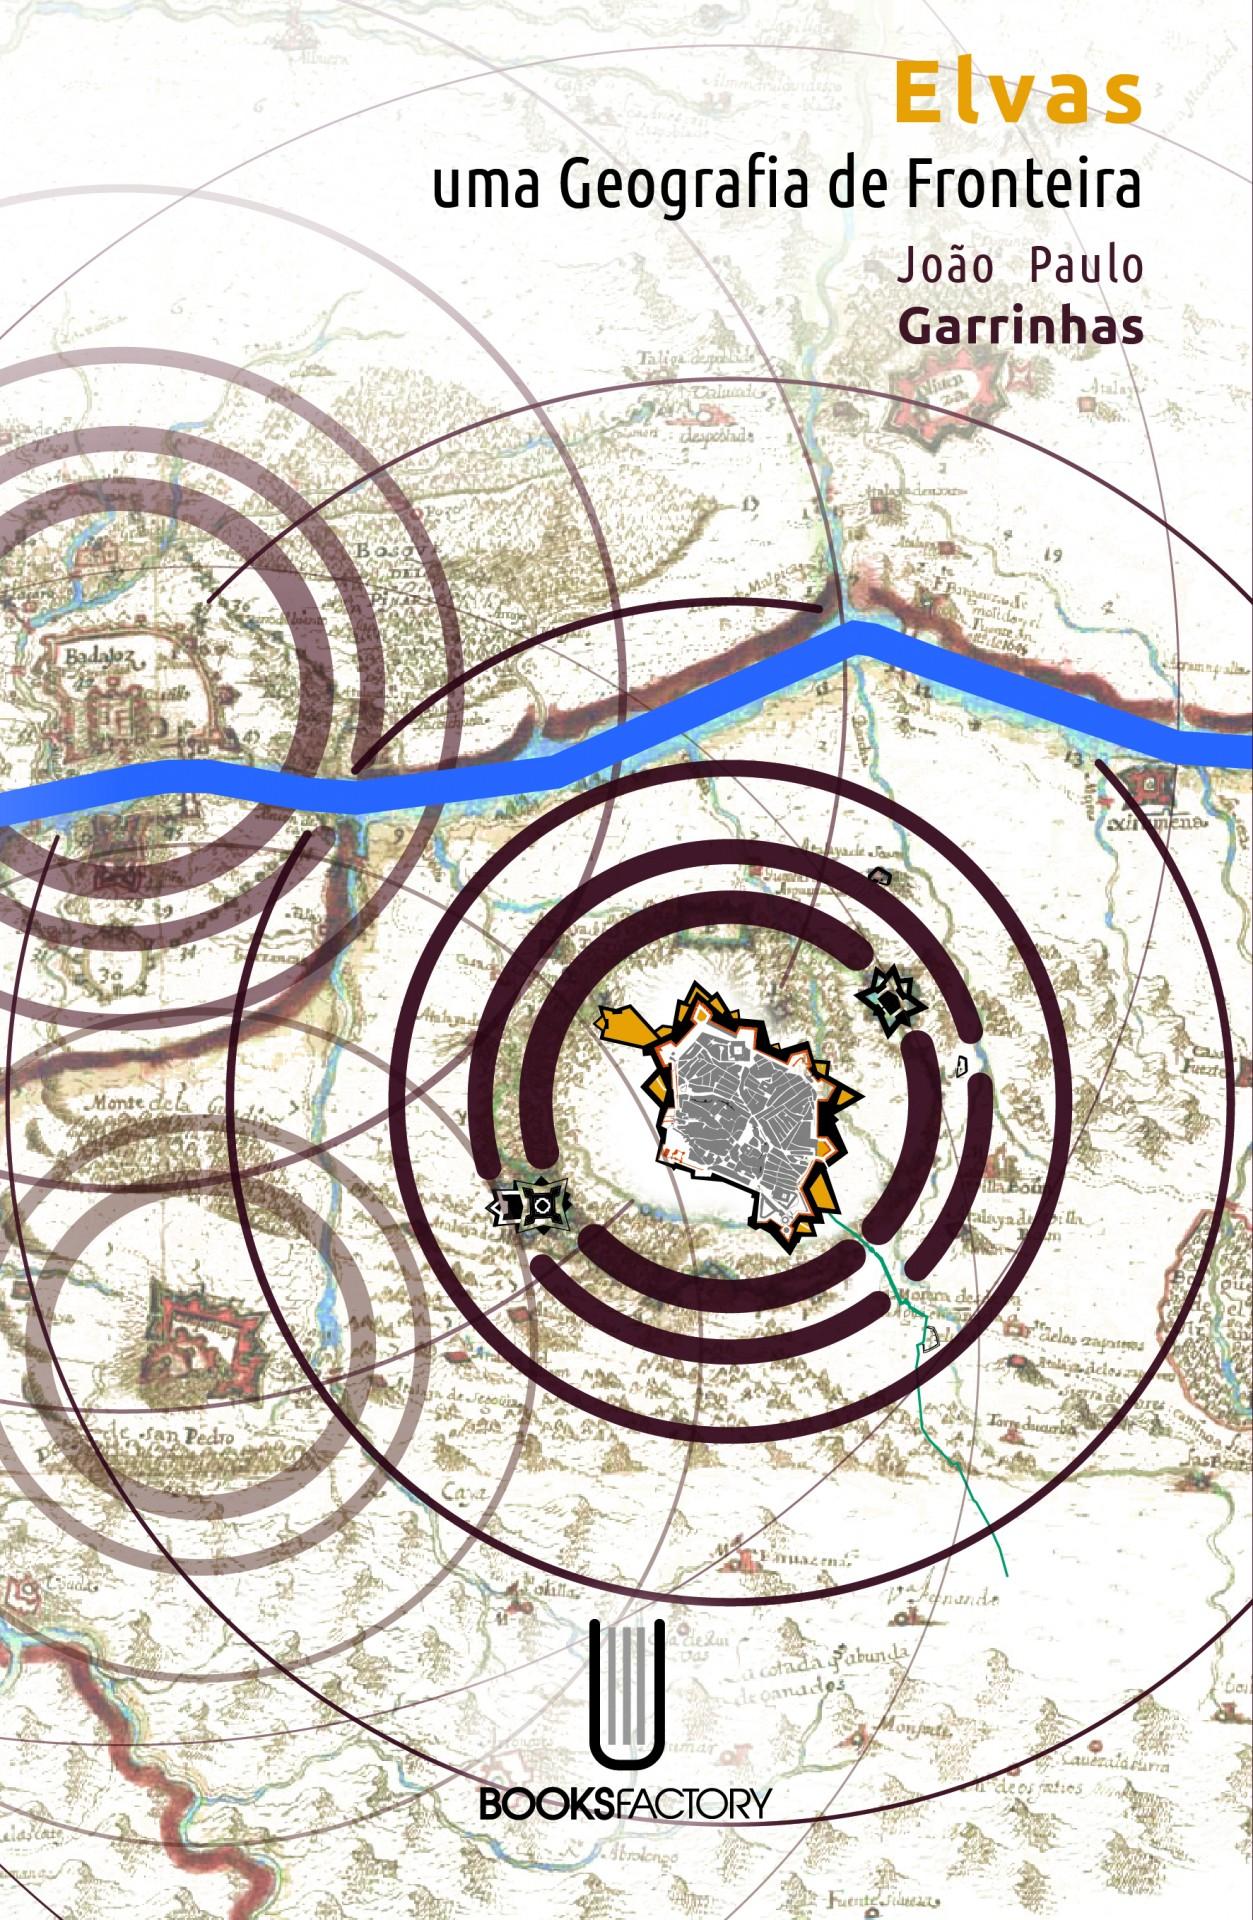 Elvas - Uma Geografia de Fronteira